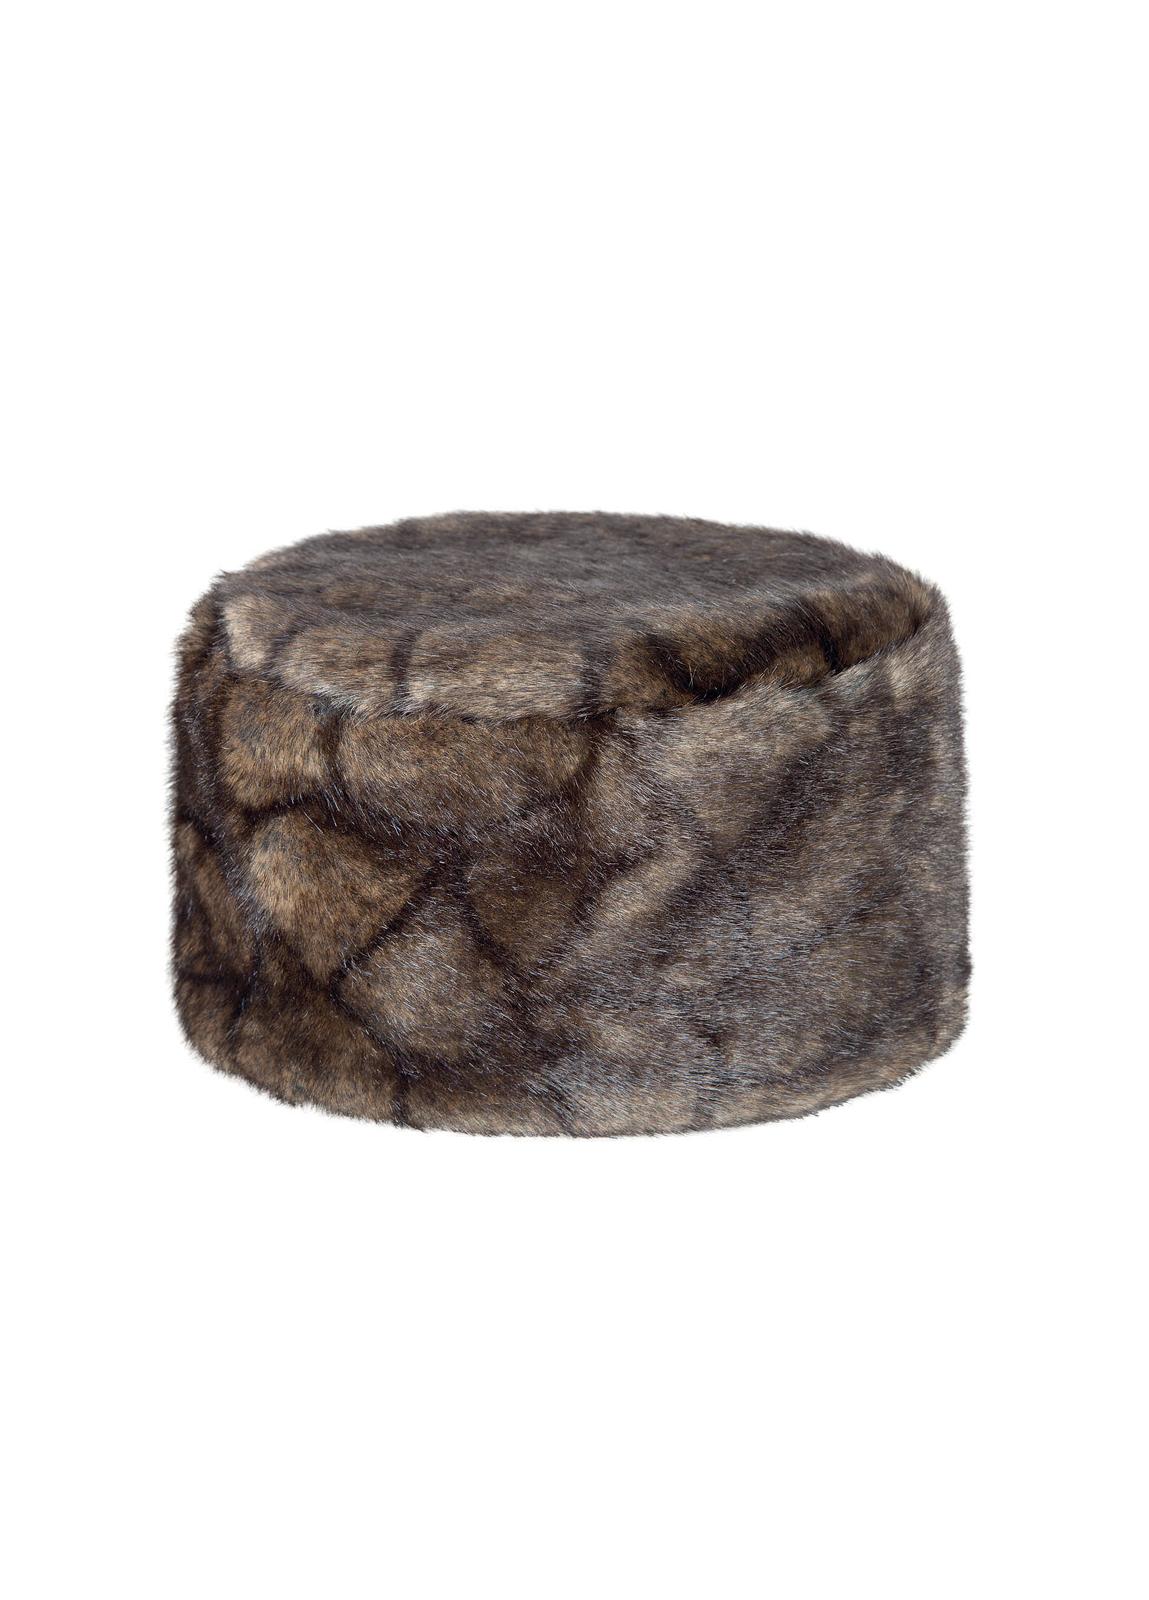 Avoca Faux Fur Hat - Elk